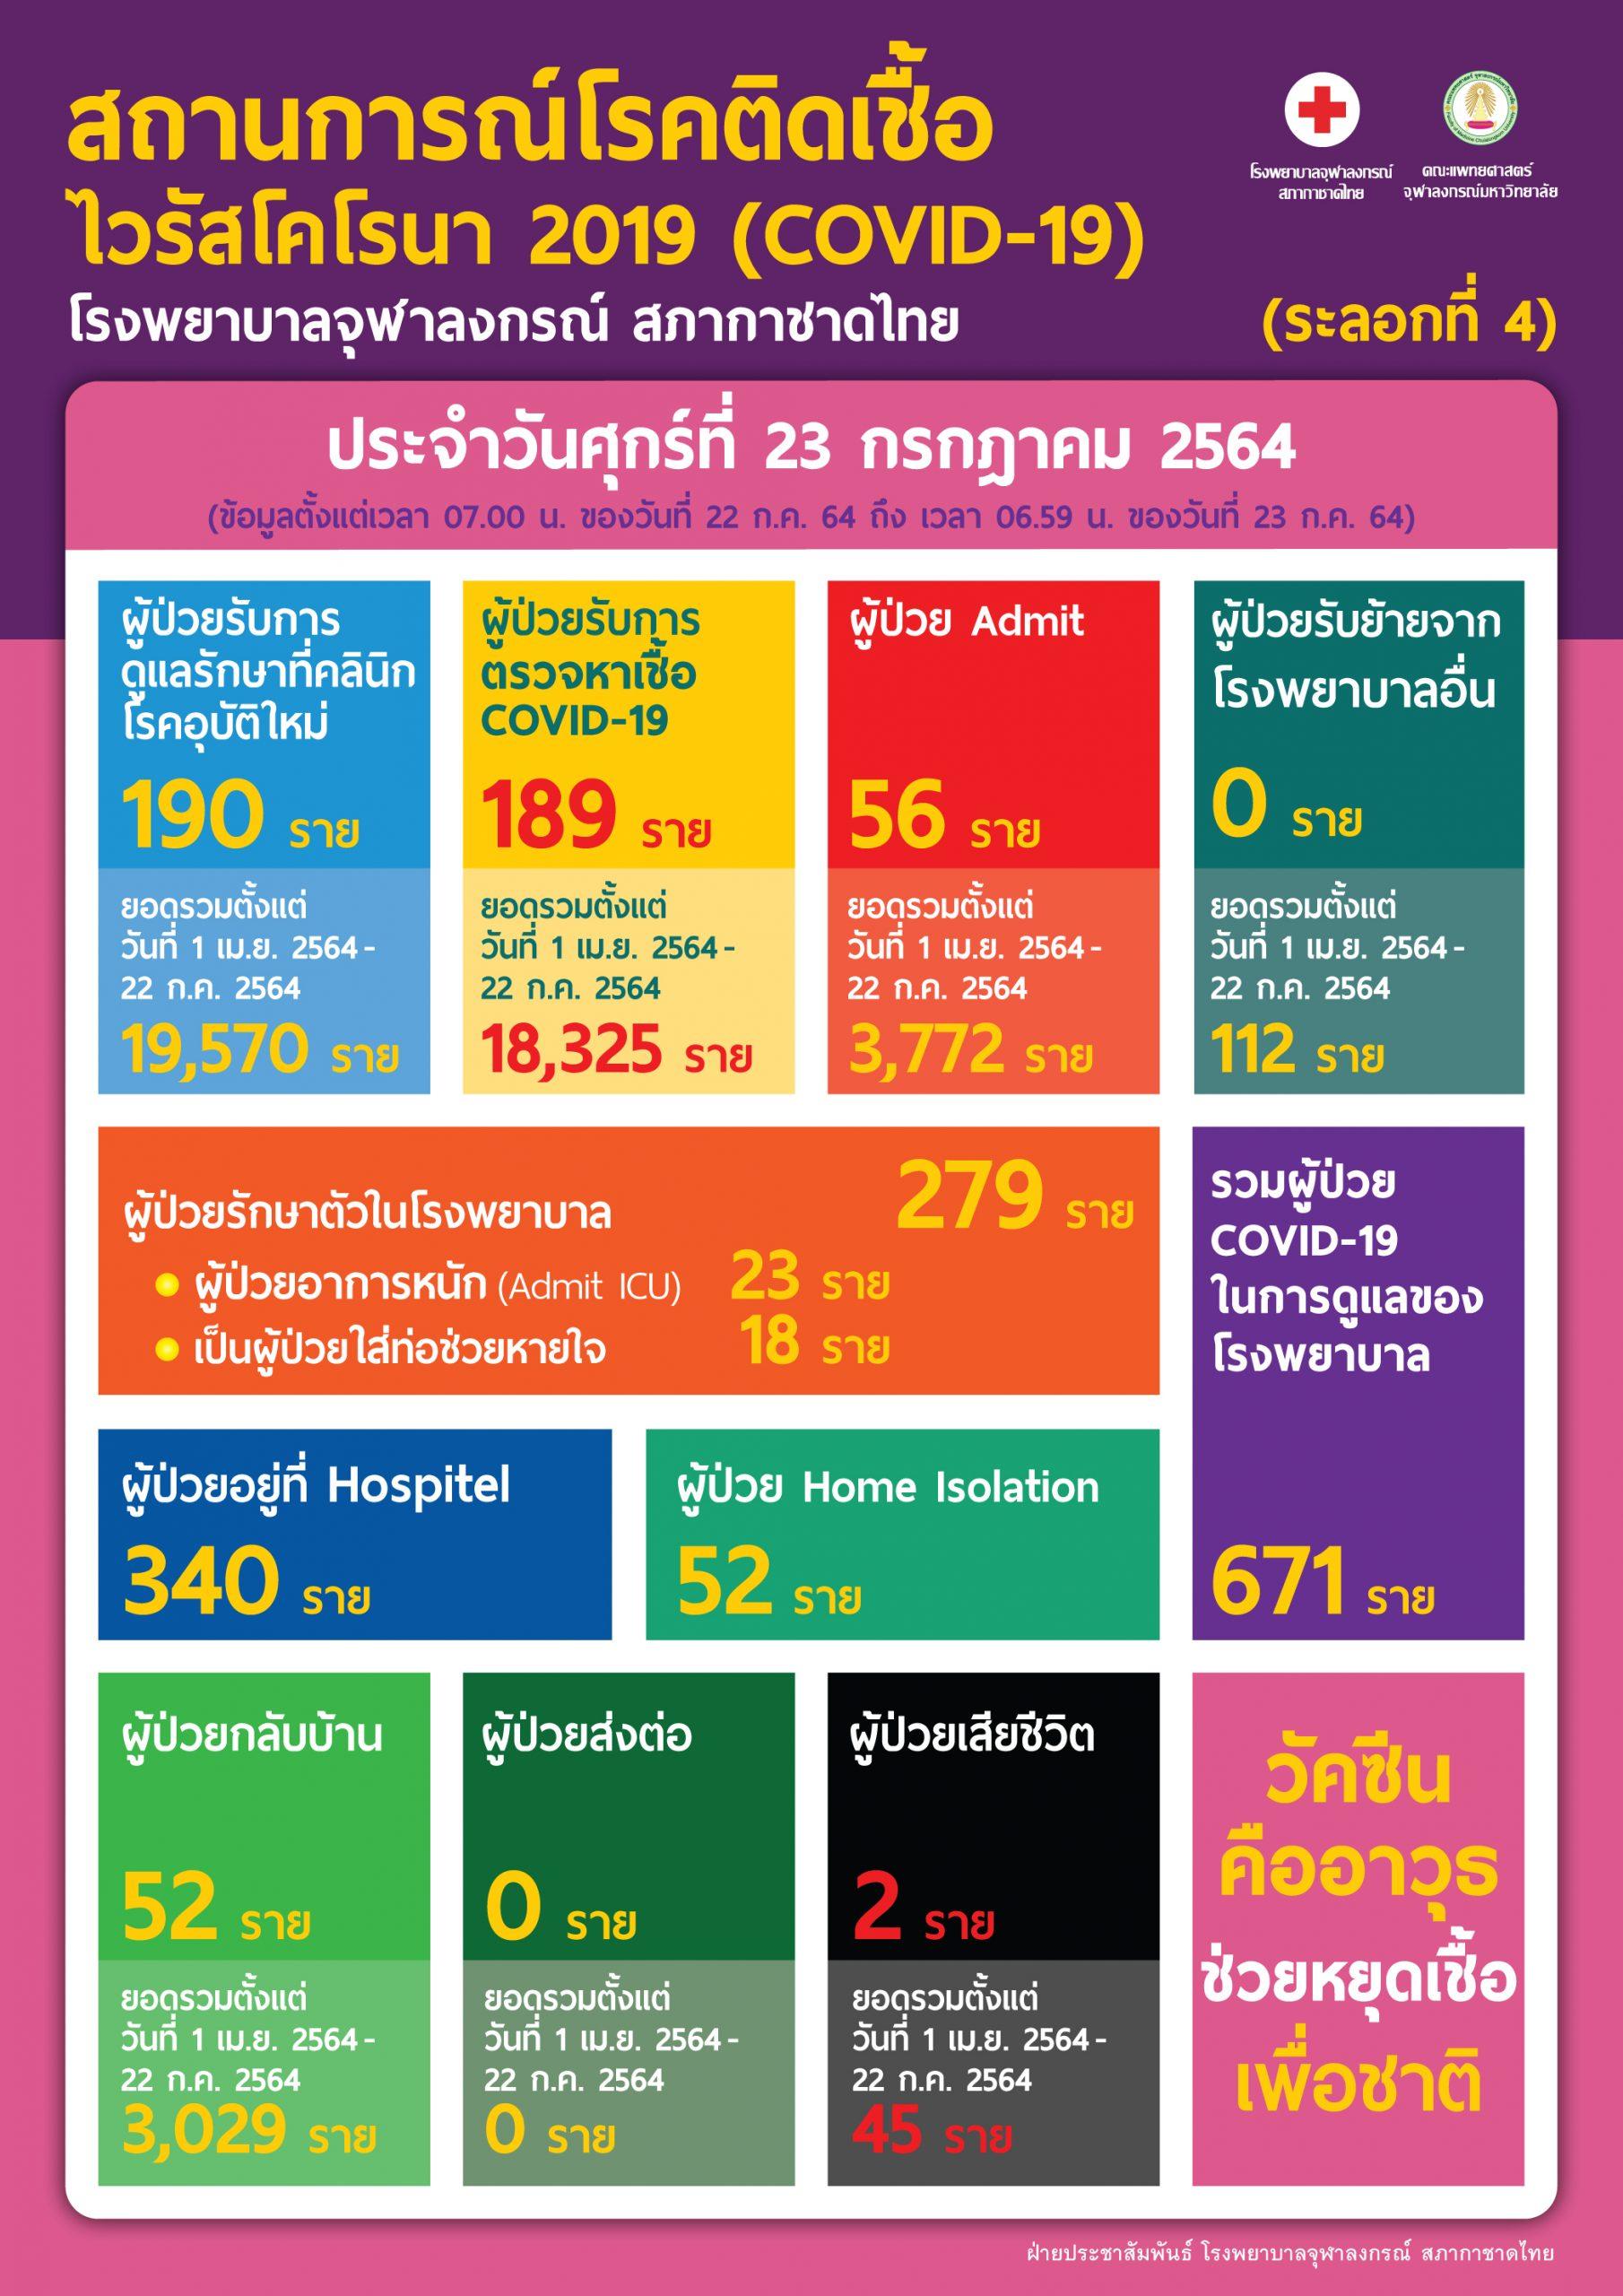 สถานการณ์โรคติดเชื้อไวรัสโคโรนา 2019 (COVID-19) (ระลอกที่ 4) โรงพยาบาลจุฬาลงกรณ์ สภากาชาดไทย  ประจำวันศุกร์ที่ 23 กรกฎาคม 2564